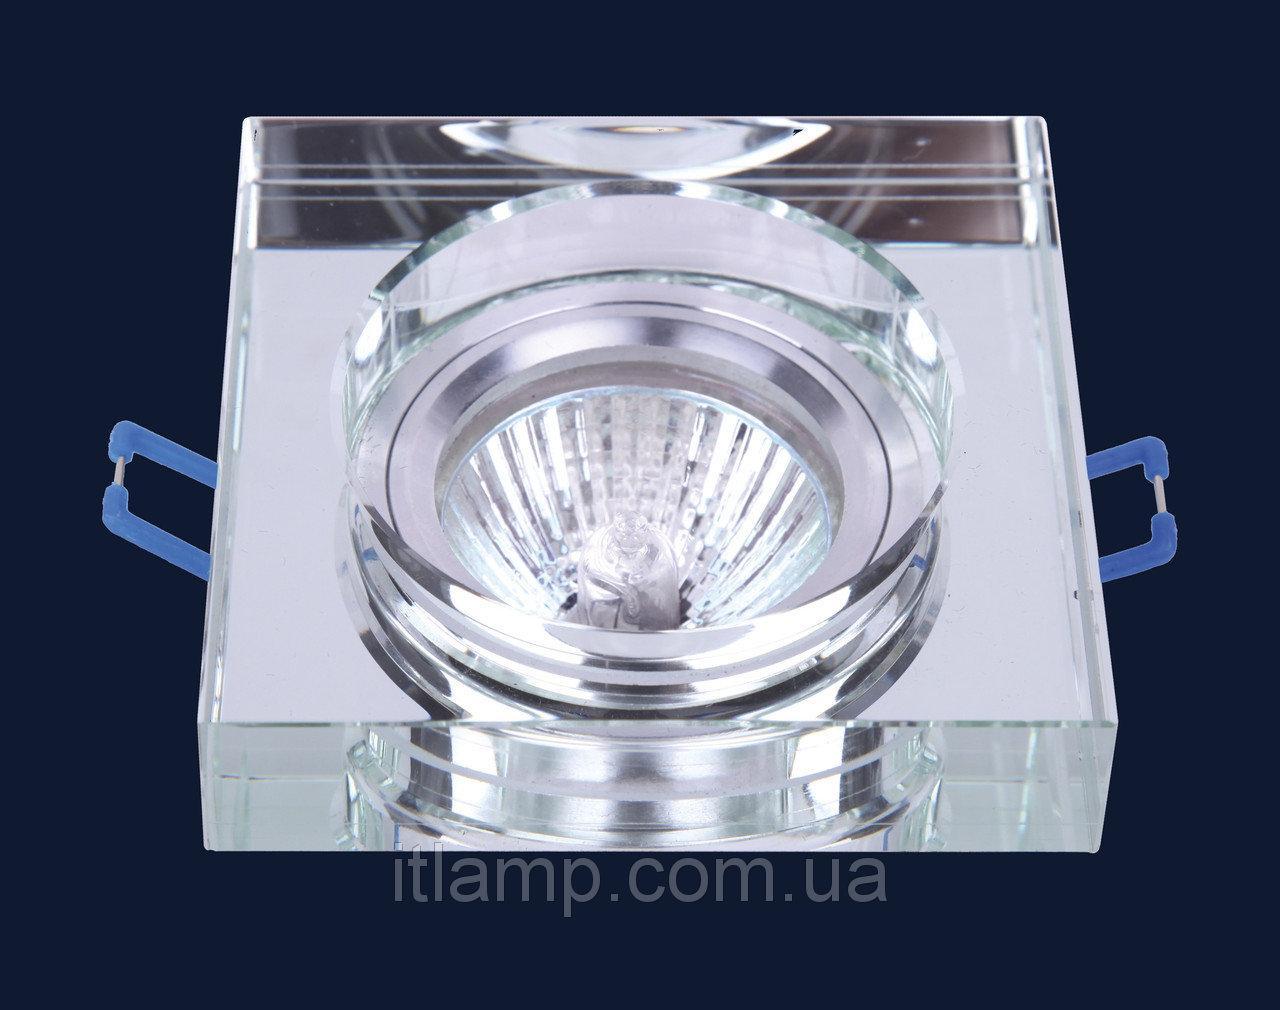 Точечные светильники врезные со стеклом Levistella 705166